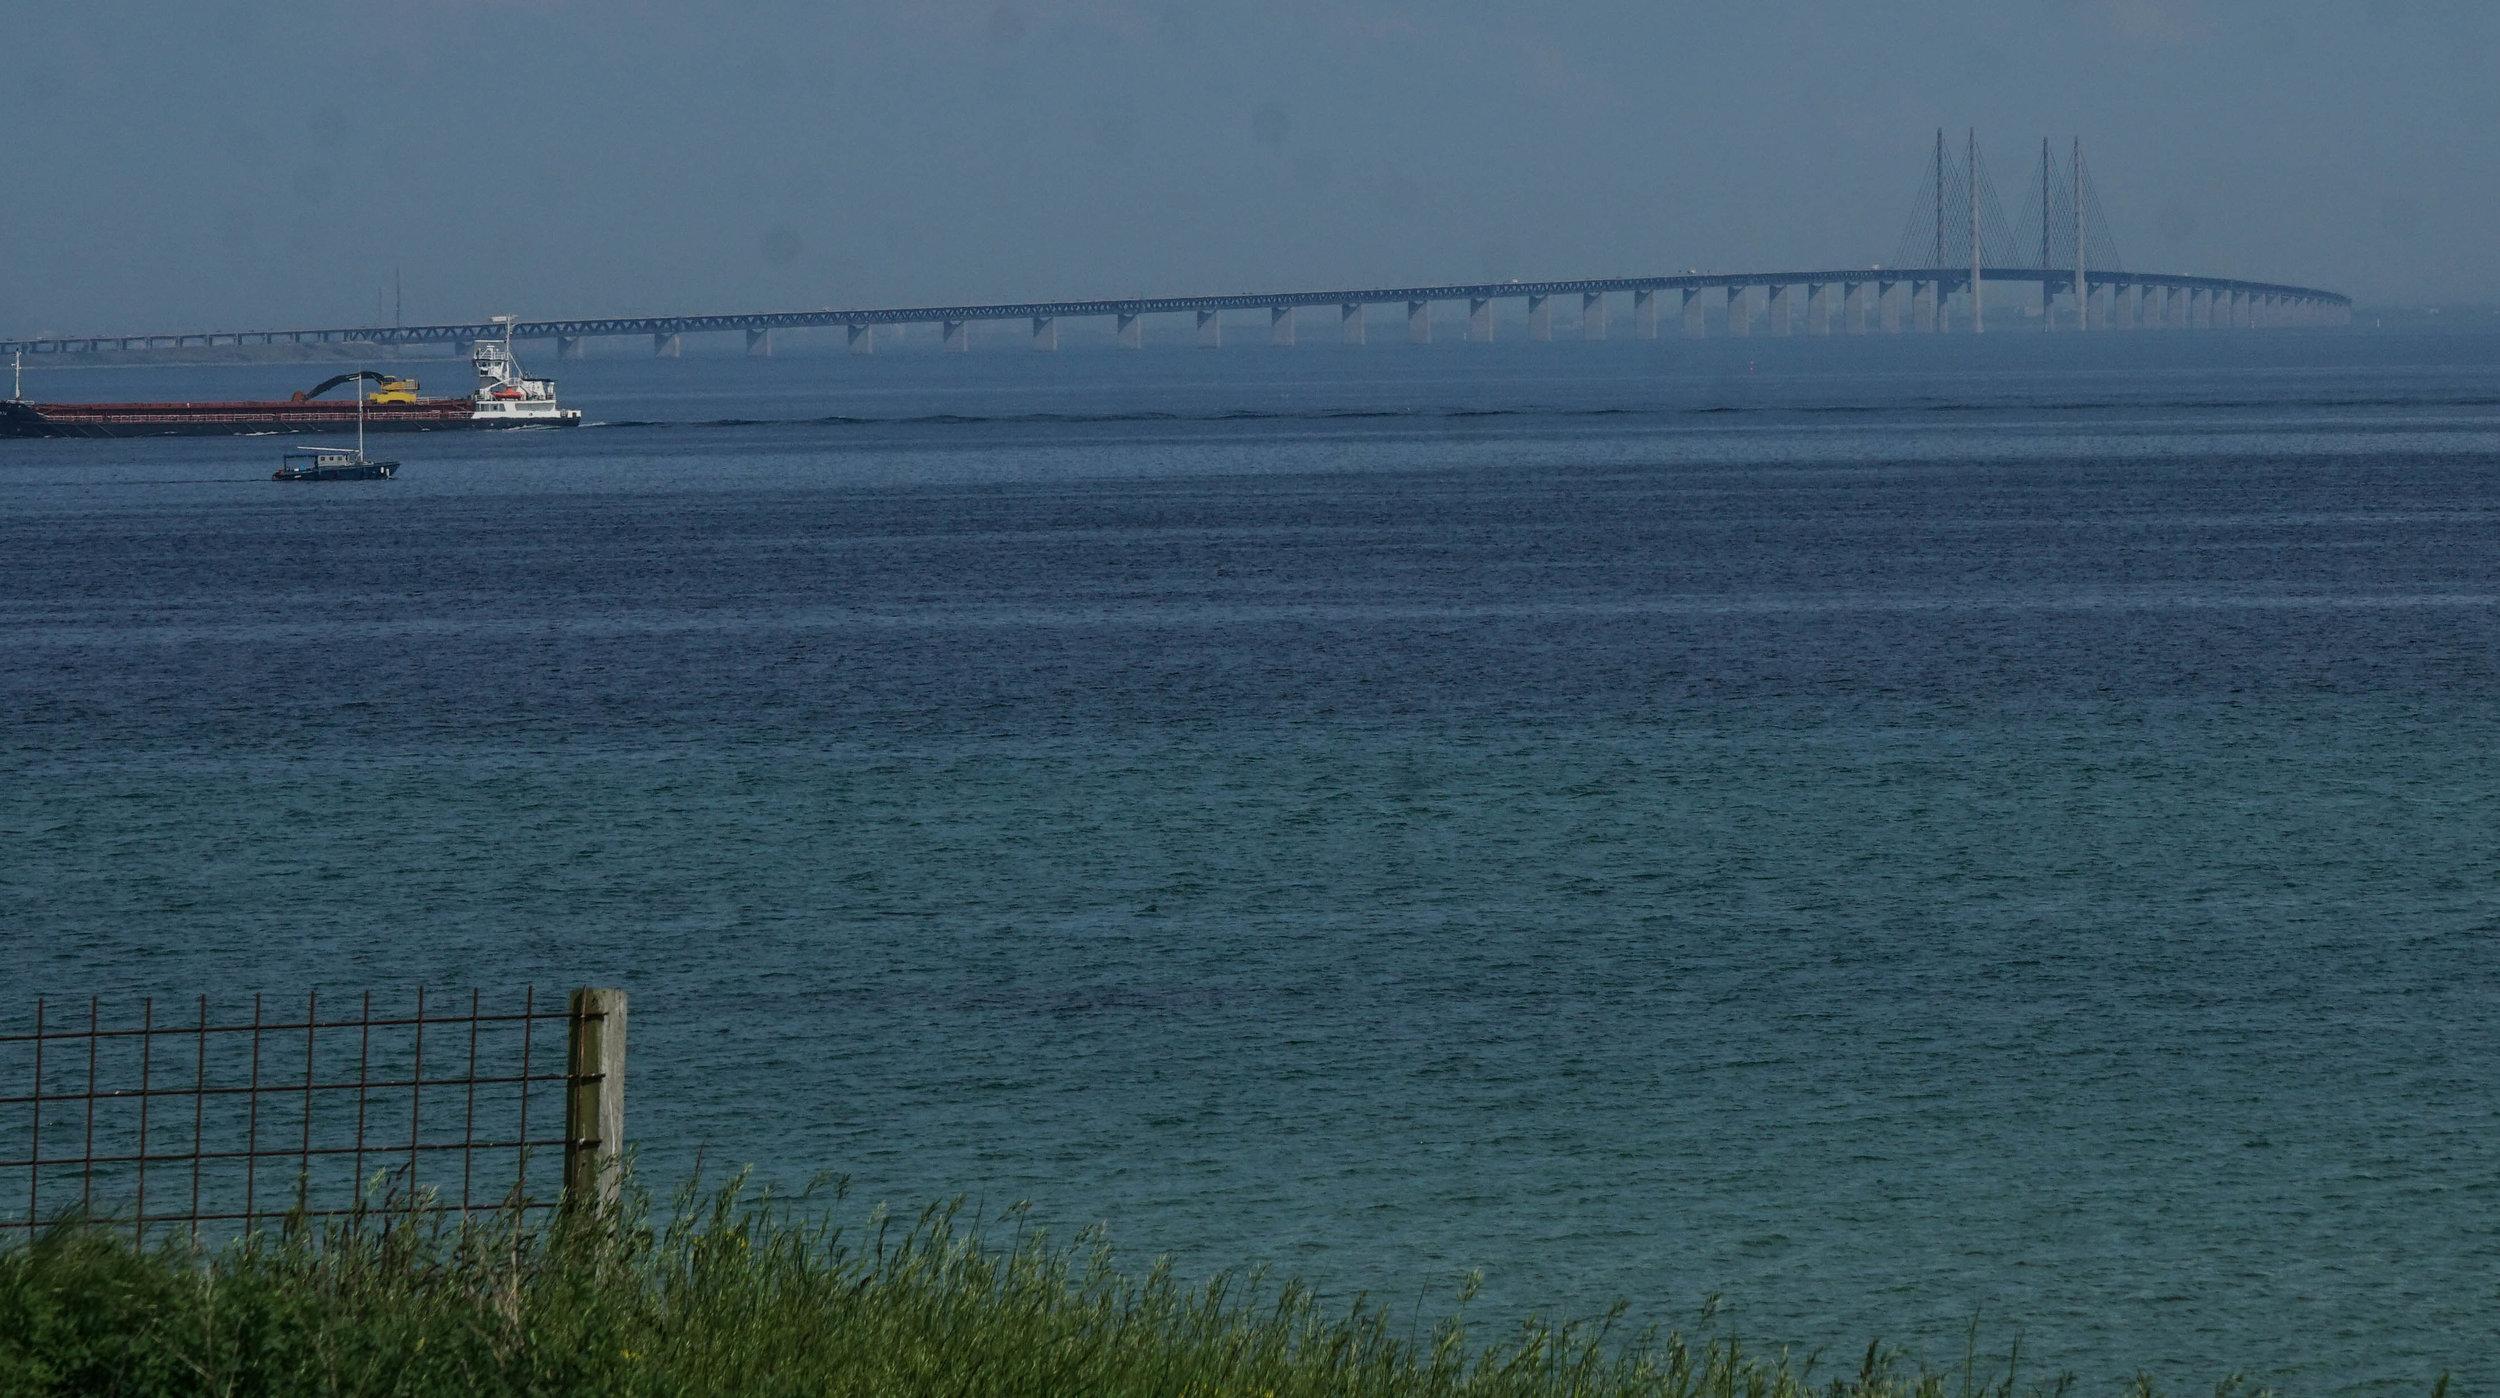 Bridge from Denmark to Sweden, seen from Denmark